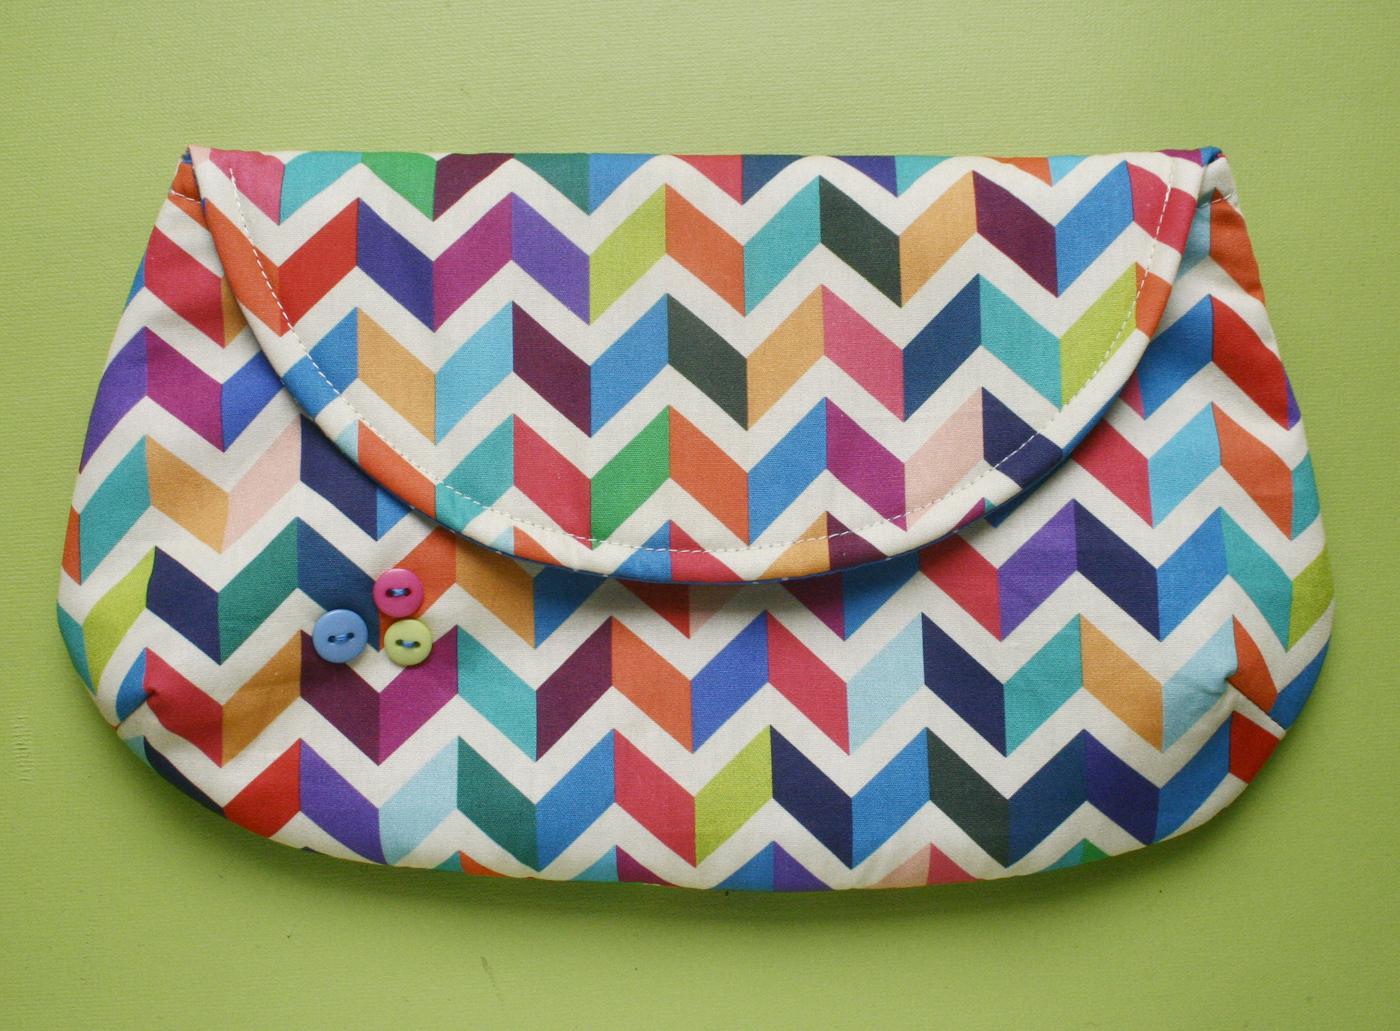 Bolsa De Mão Clutch : Clutch bag bolsa de m?o meia tigela elo